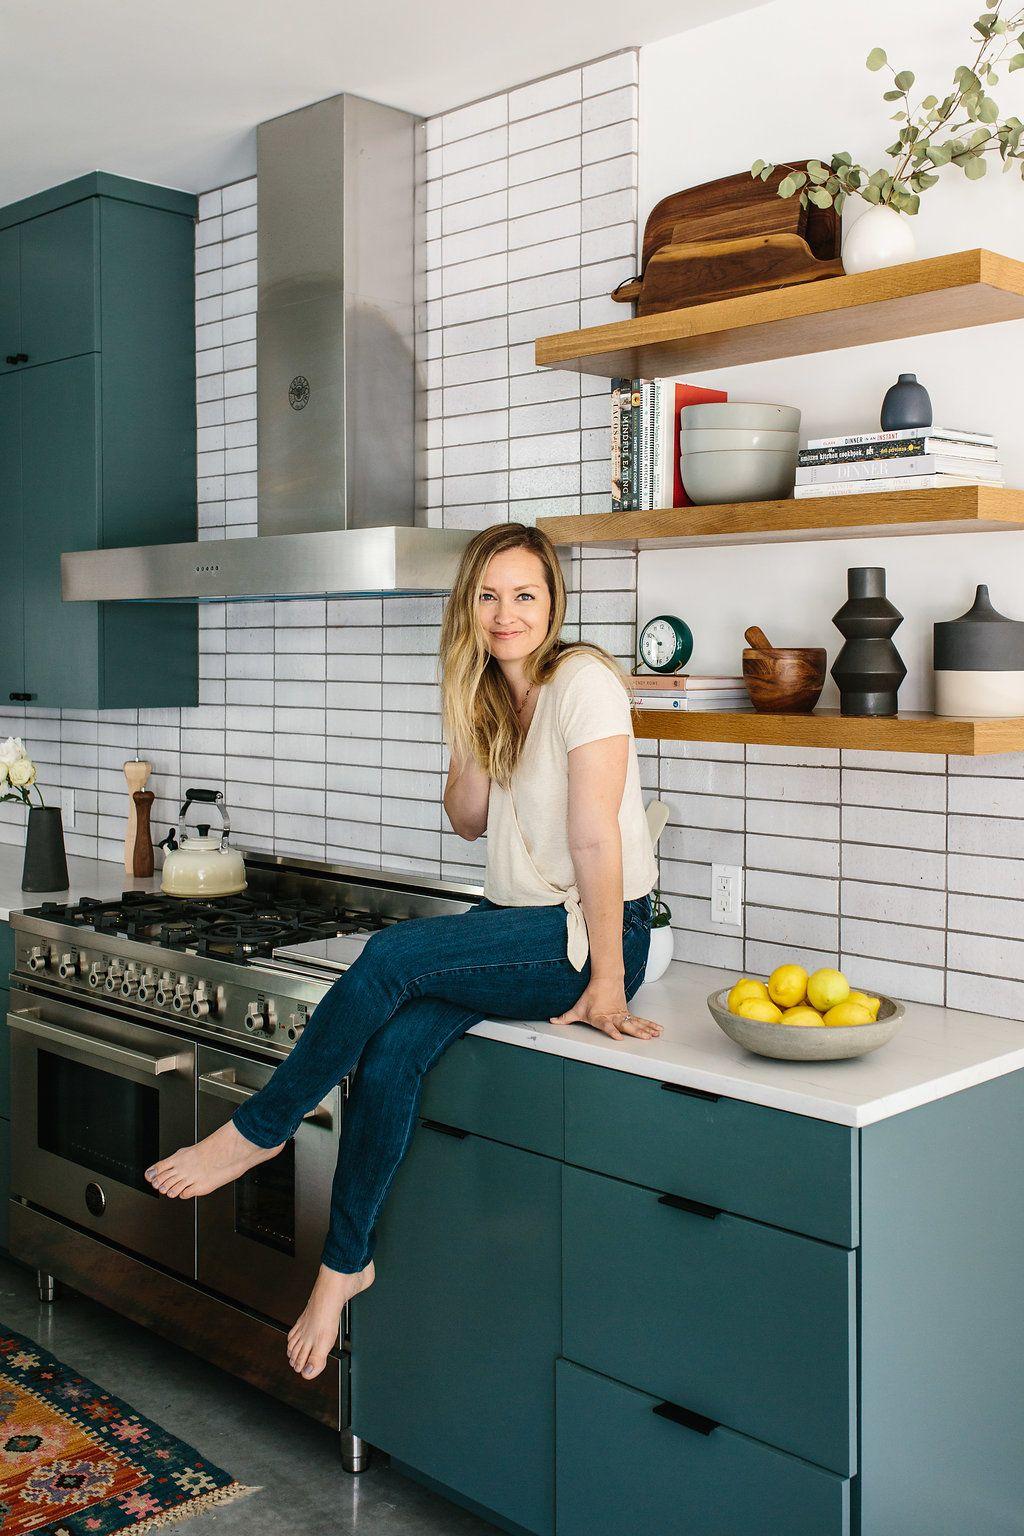 Our Austin Casa The Kitchen Reveal The Effortless Chic Kitchen Design Modern Kitchen Mid Century Modern Kitchen